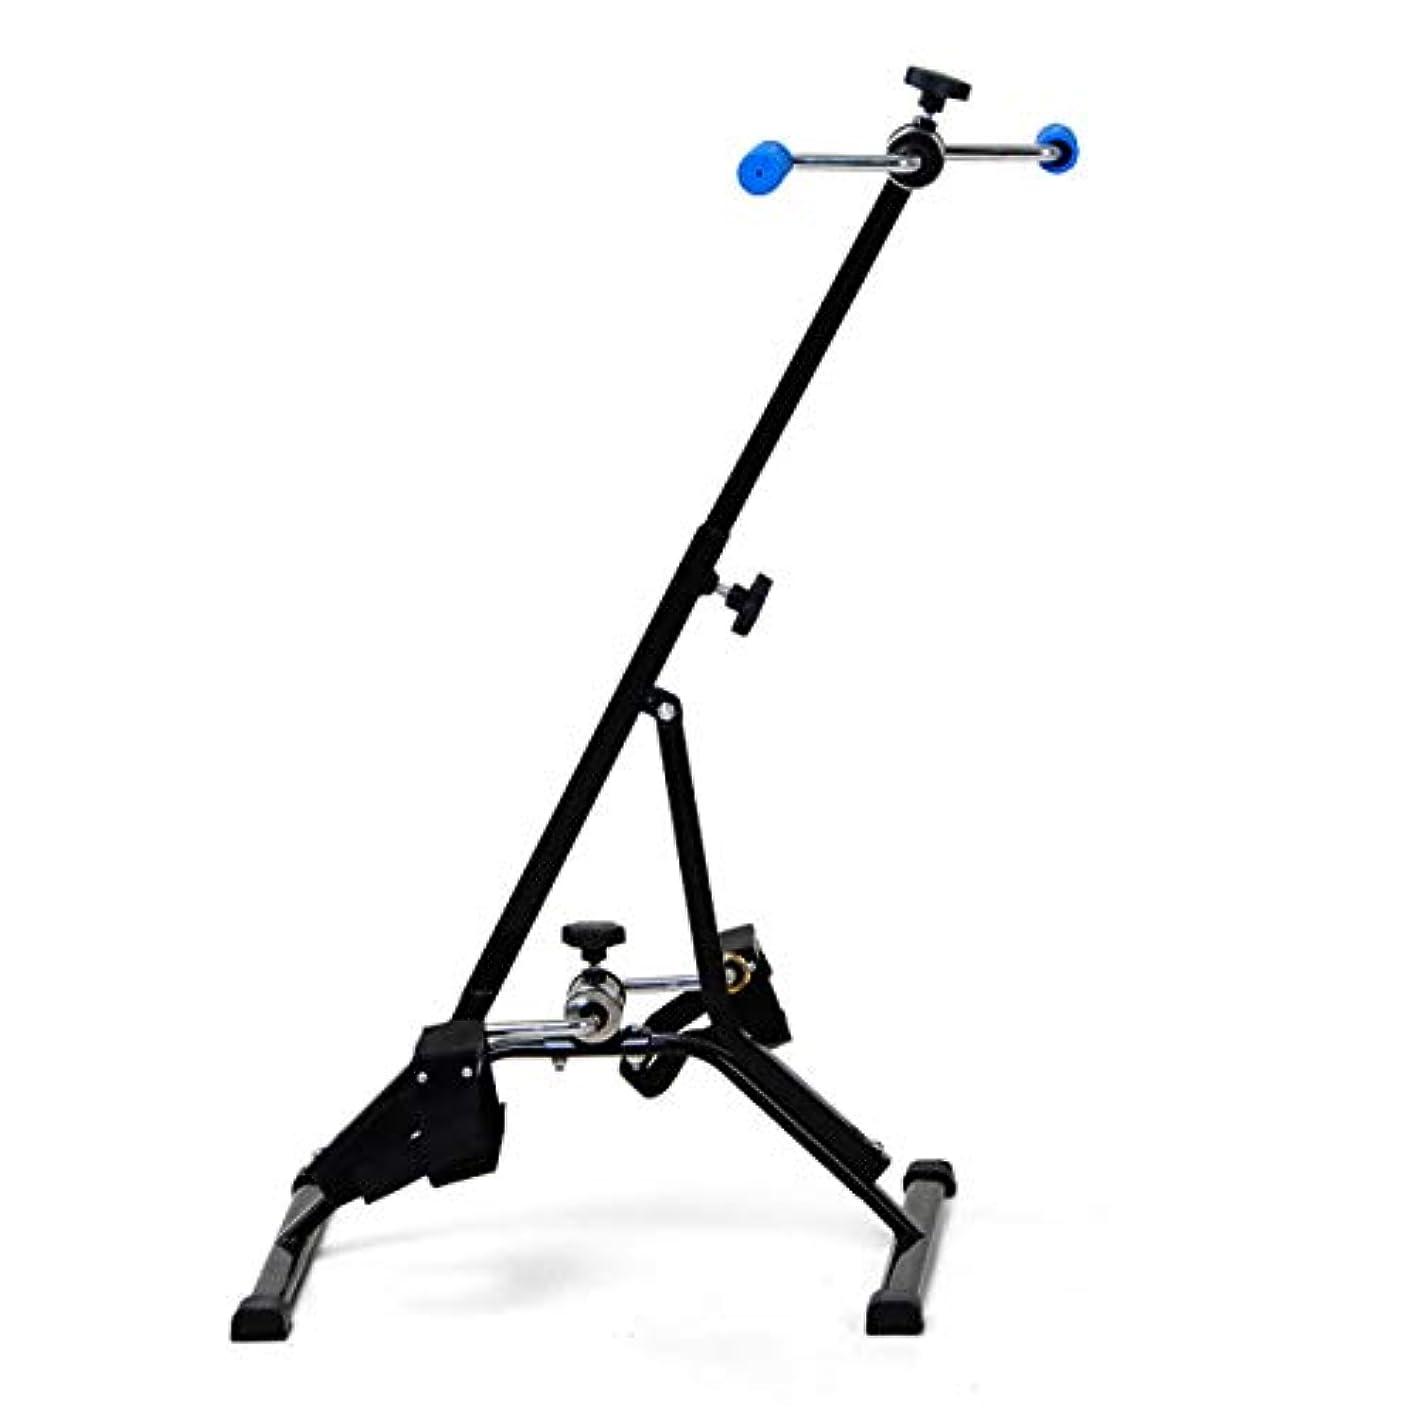 怖がって死ぬうがいコジオスコリハビリテーション用トレーニングバイク、障害のある高齢者のリハビリテーションのためのトレーニングツール、レッグアームペダルエクササイザー、運動器具,A